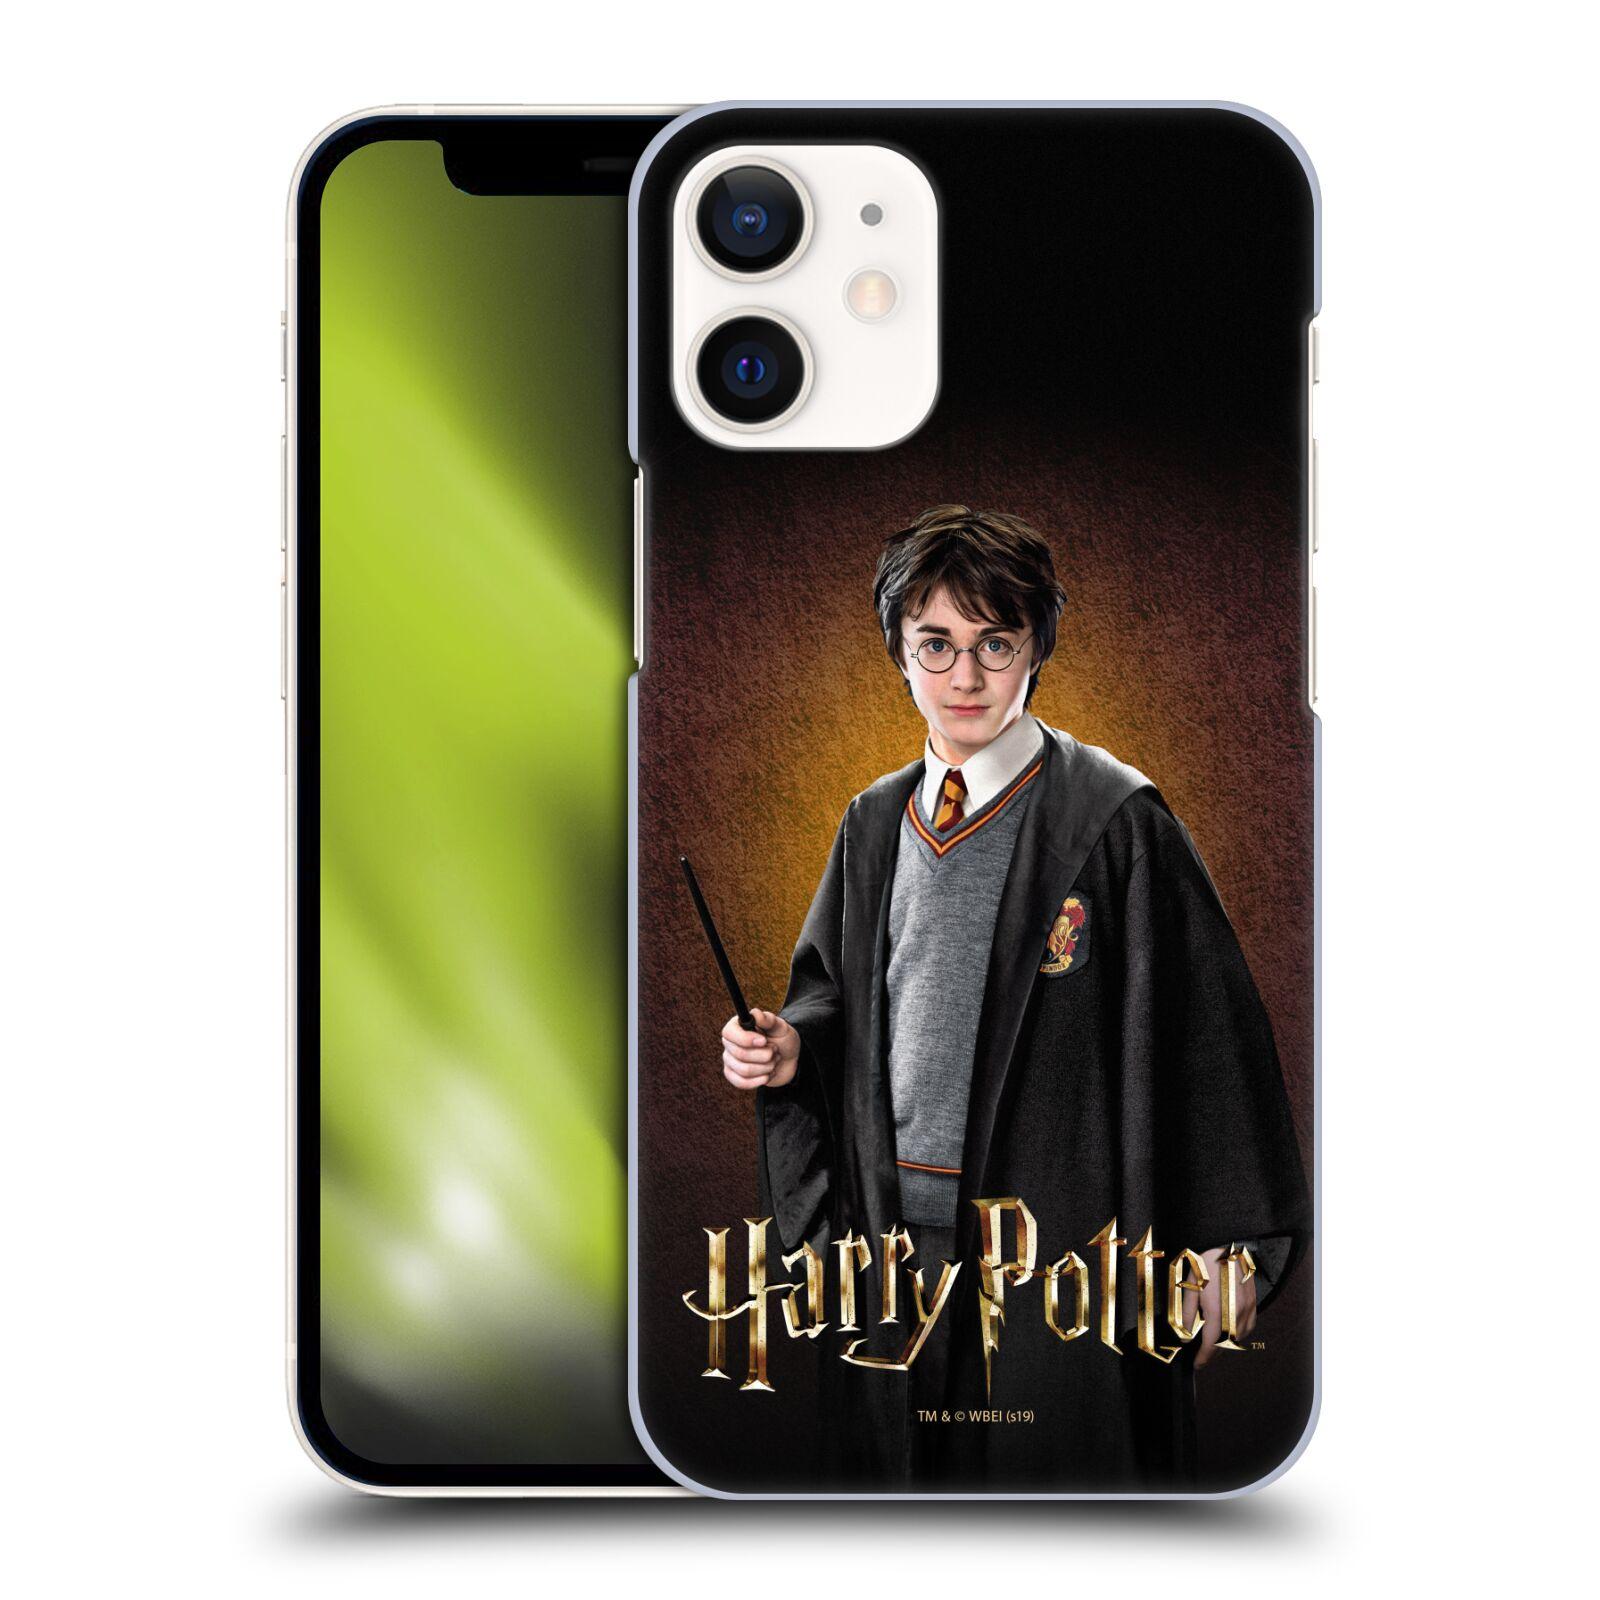 Plastové pouzdro na mobil Apple iPhone 12 Mini - Harry Potter - Malý Harry Potter